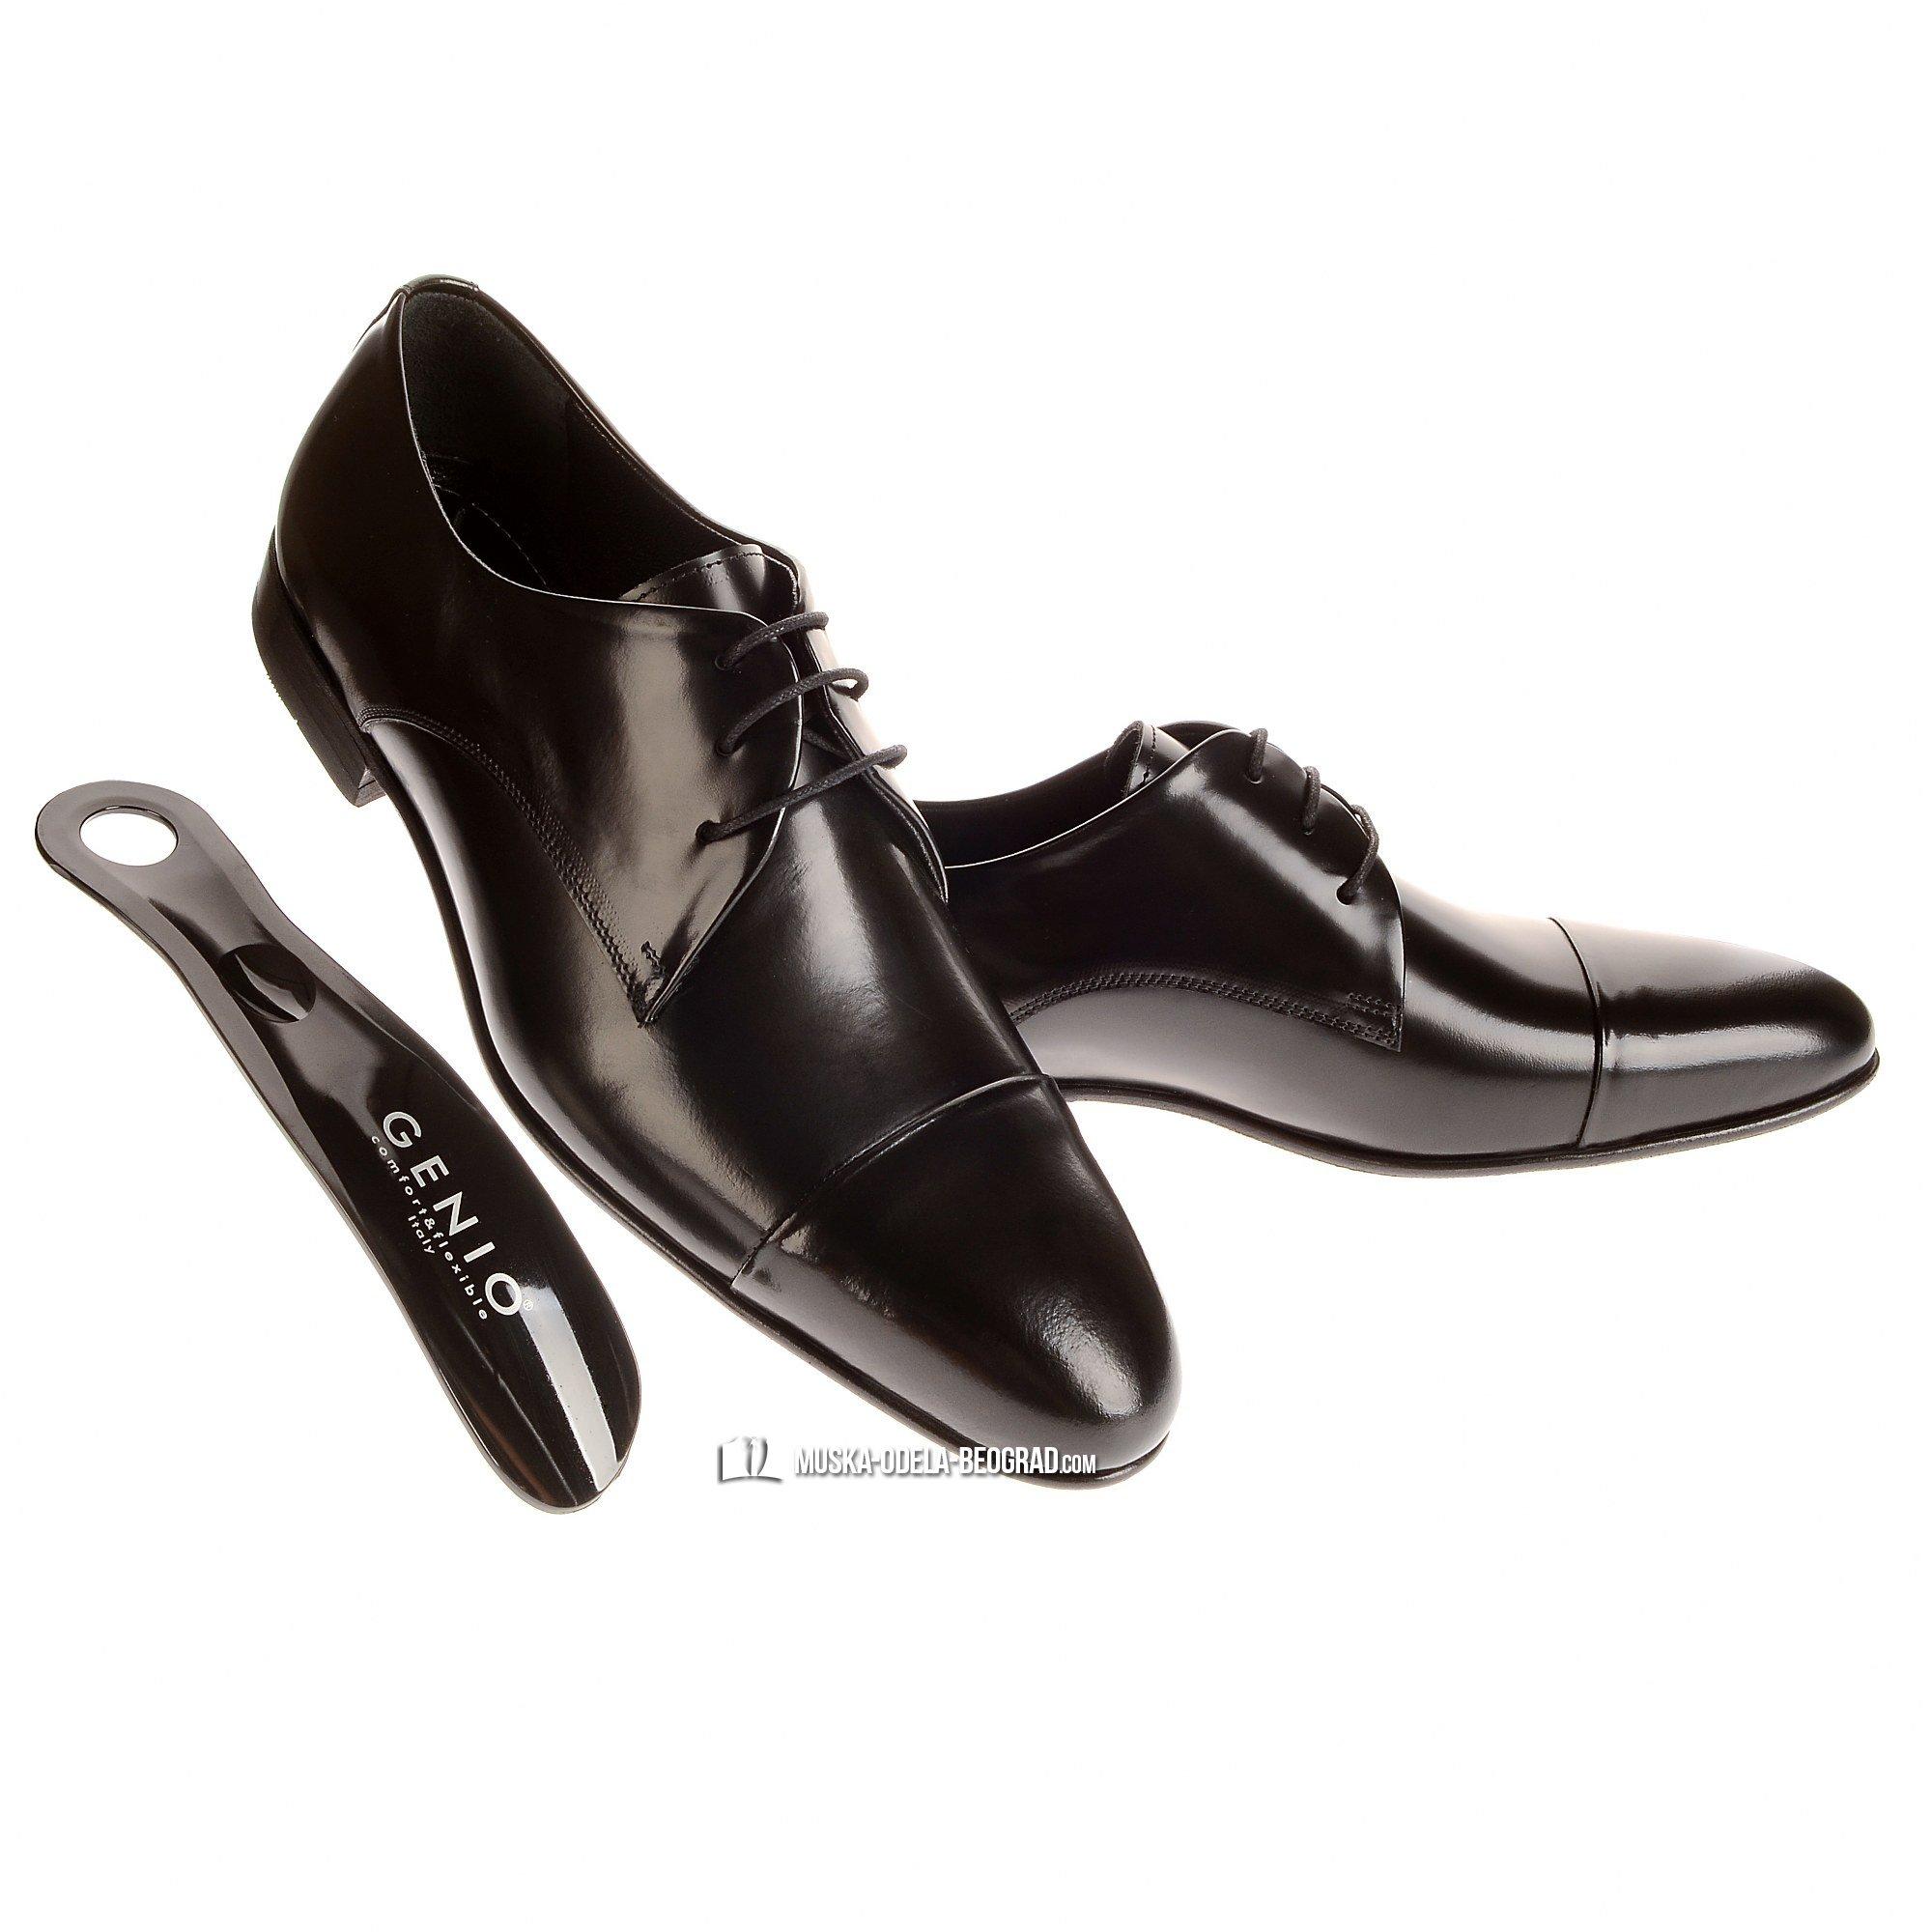 Muske cipele - Crne - Koza #36 - Muske cipele, za vencanje, za maturu, za svadbu, svecane